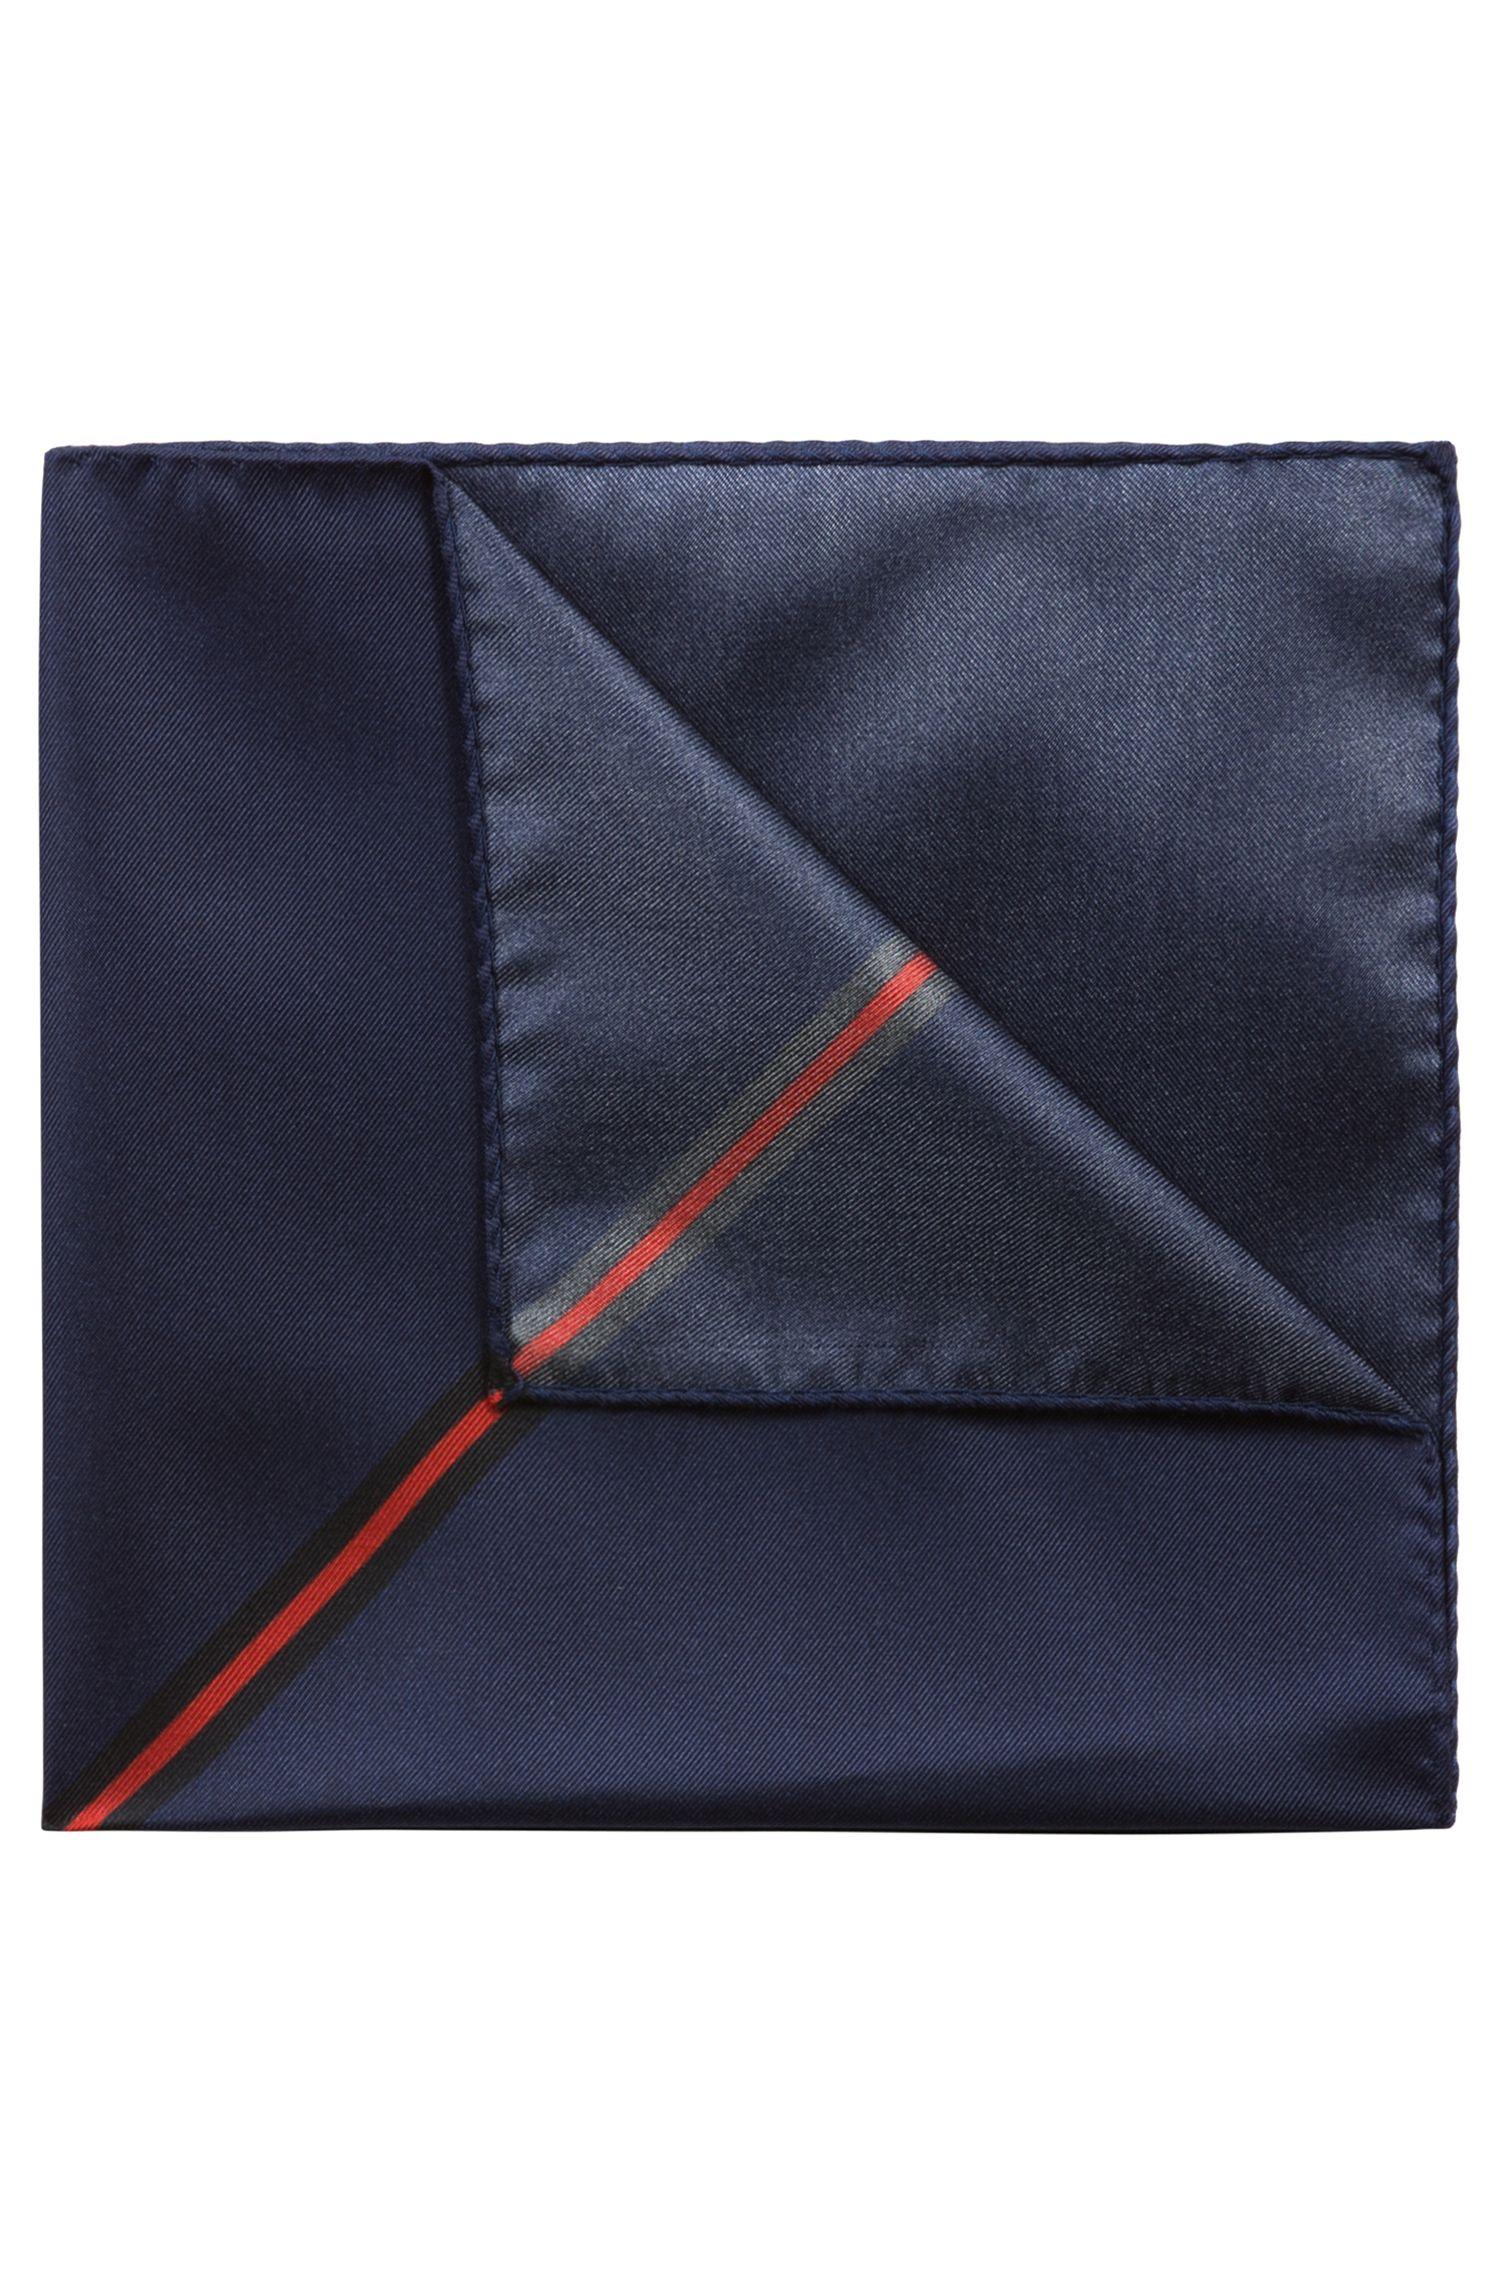 Pochet in een zijden twill met digitaal bedrukte print, Donkerblauw